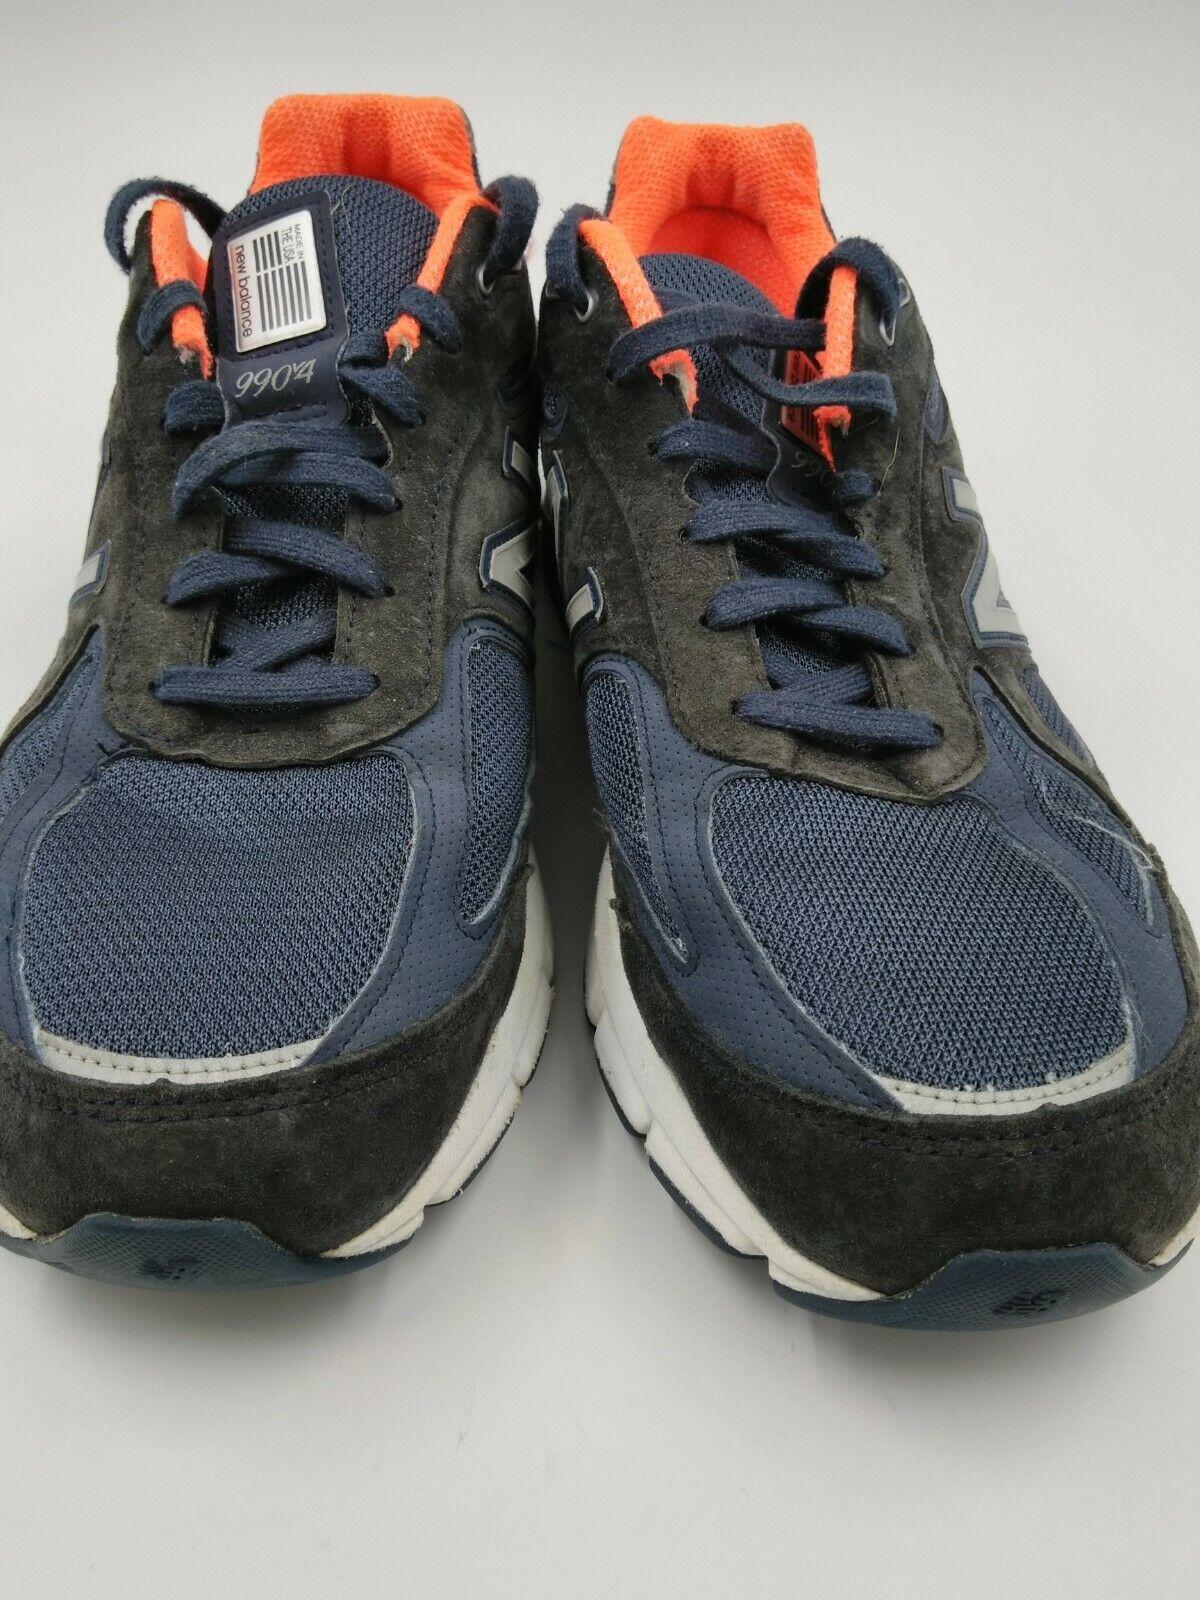 New 990v4 Hecho en EE. UU. para Hombre Balance Tenis-Casual Correr Caminar